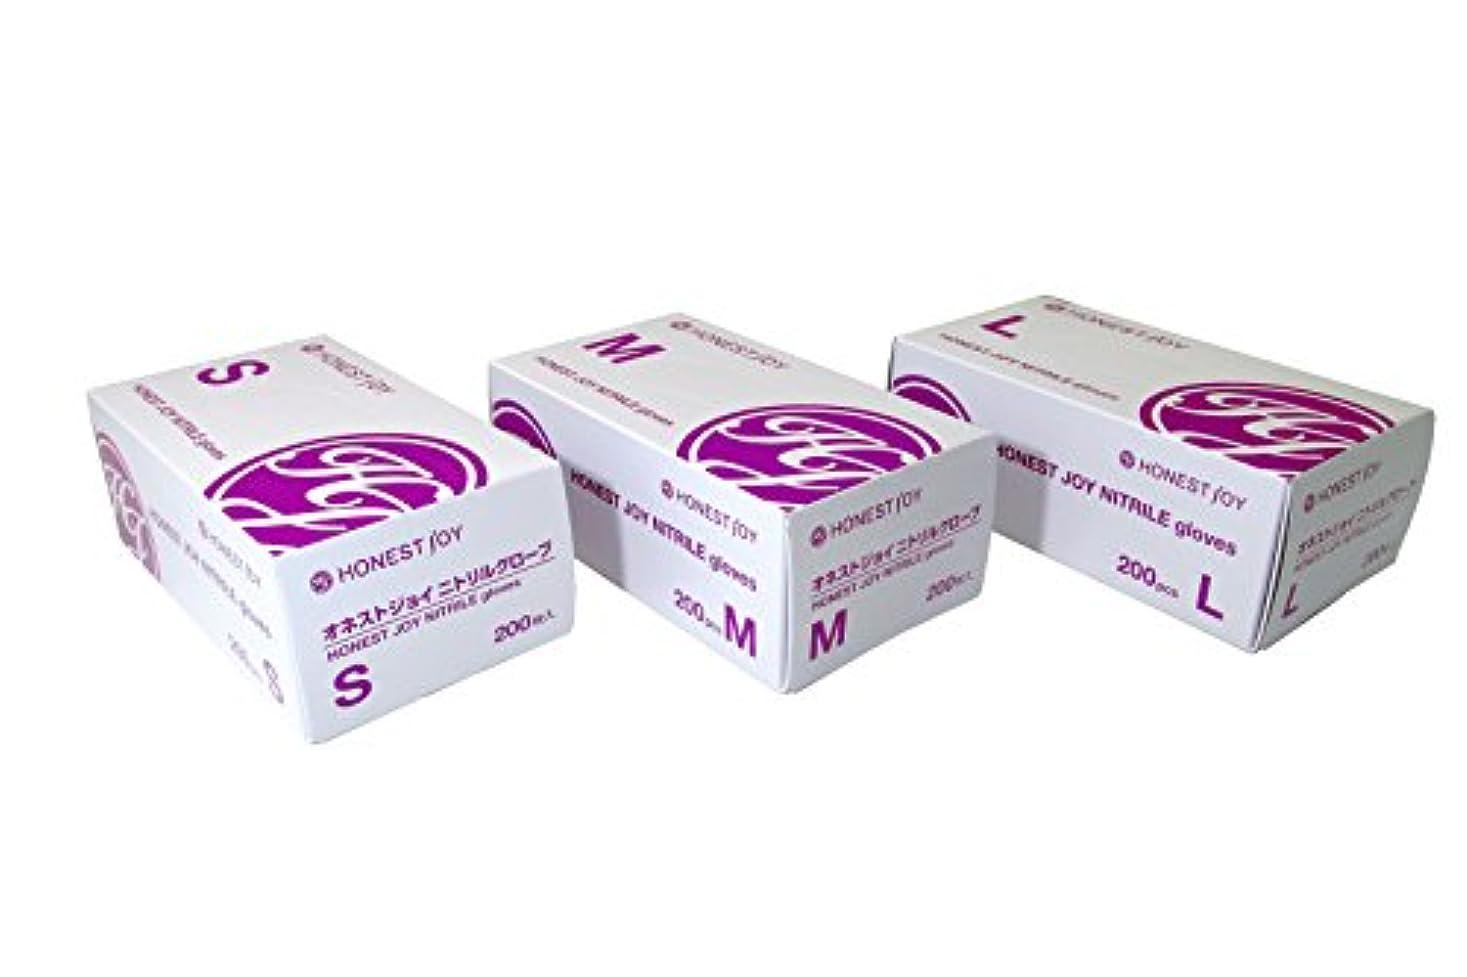 香水熟達騒々しいオネストジョイ ニトリルグローブ Lサイズ 1箱200枚入り